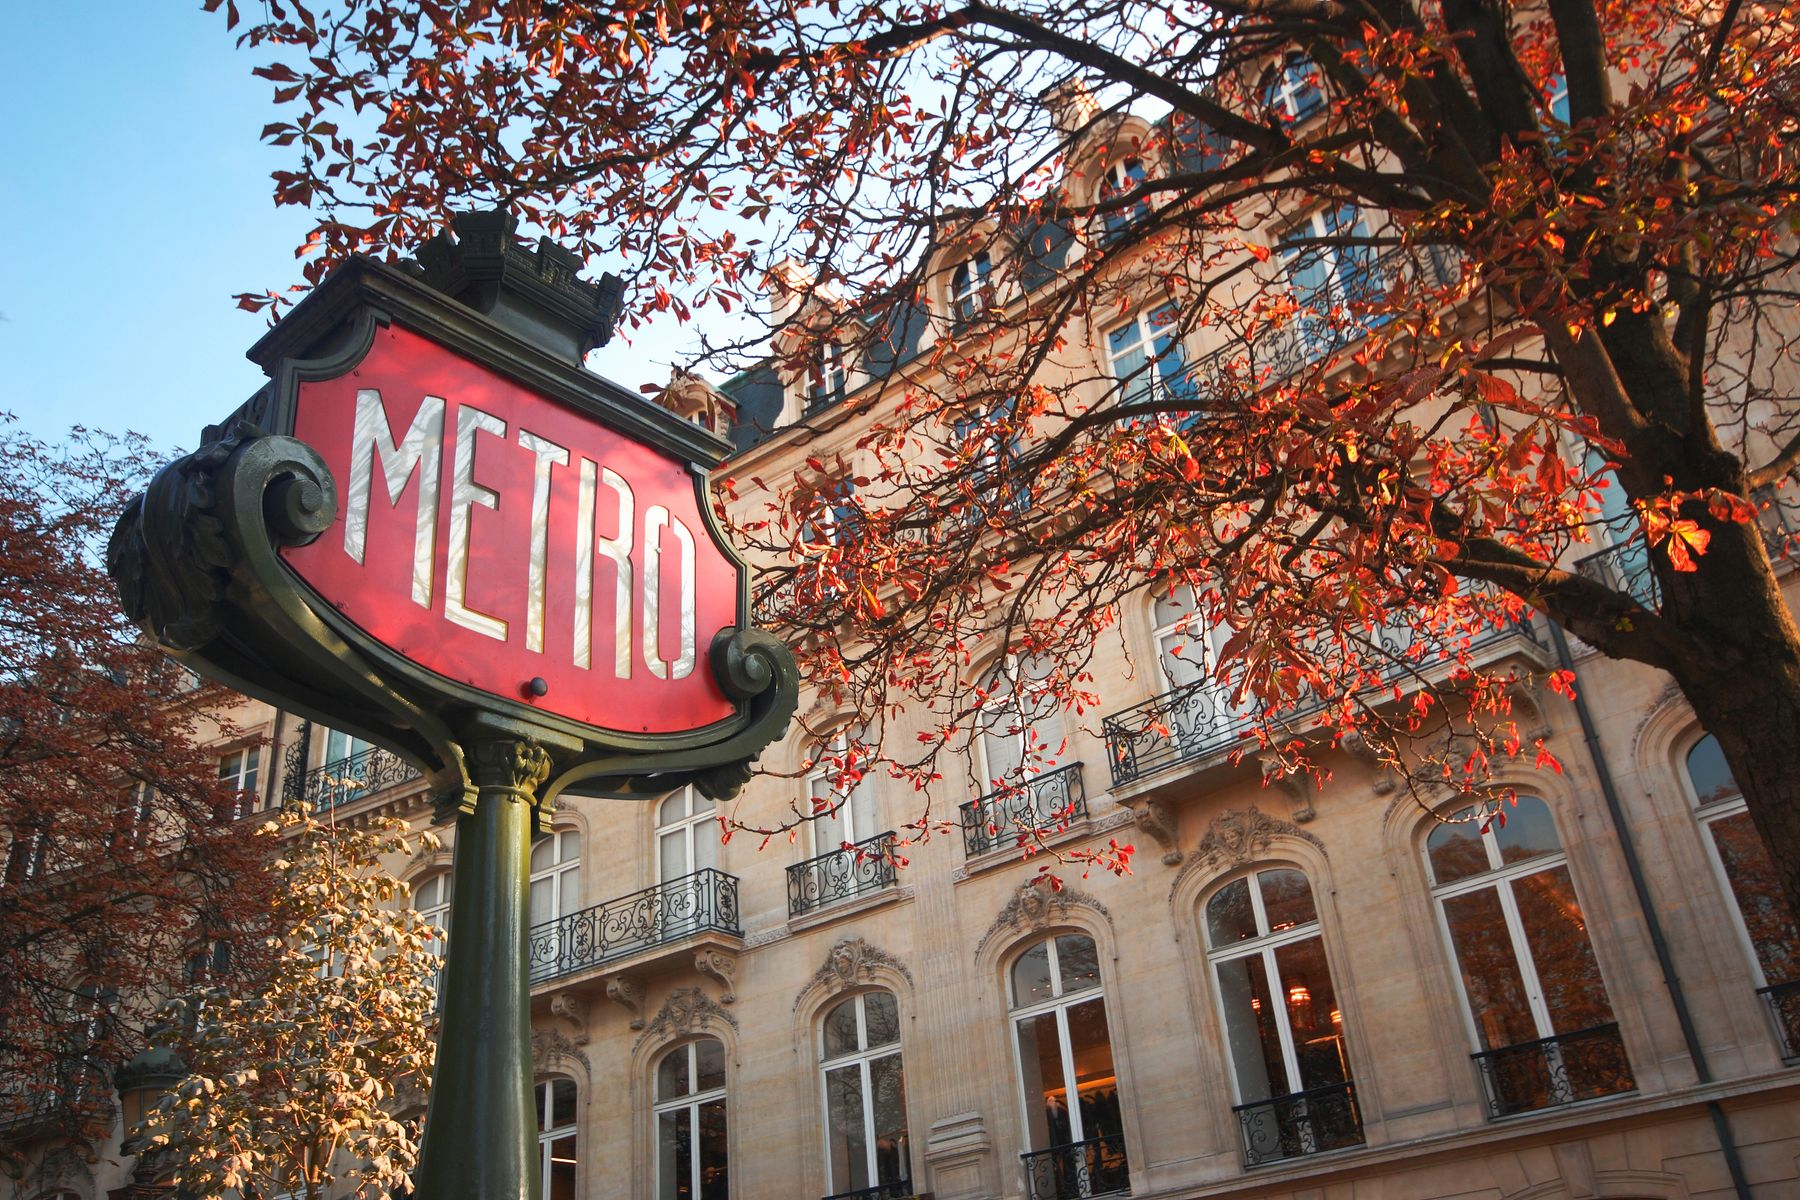 A signfor the Paris metro underground train